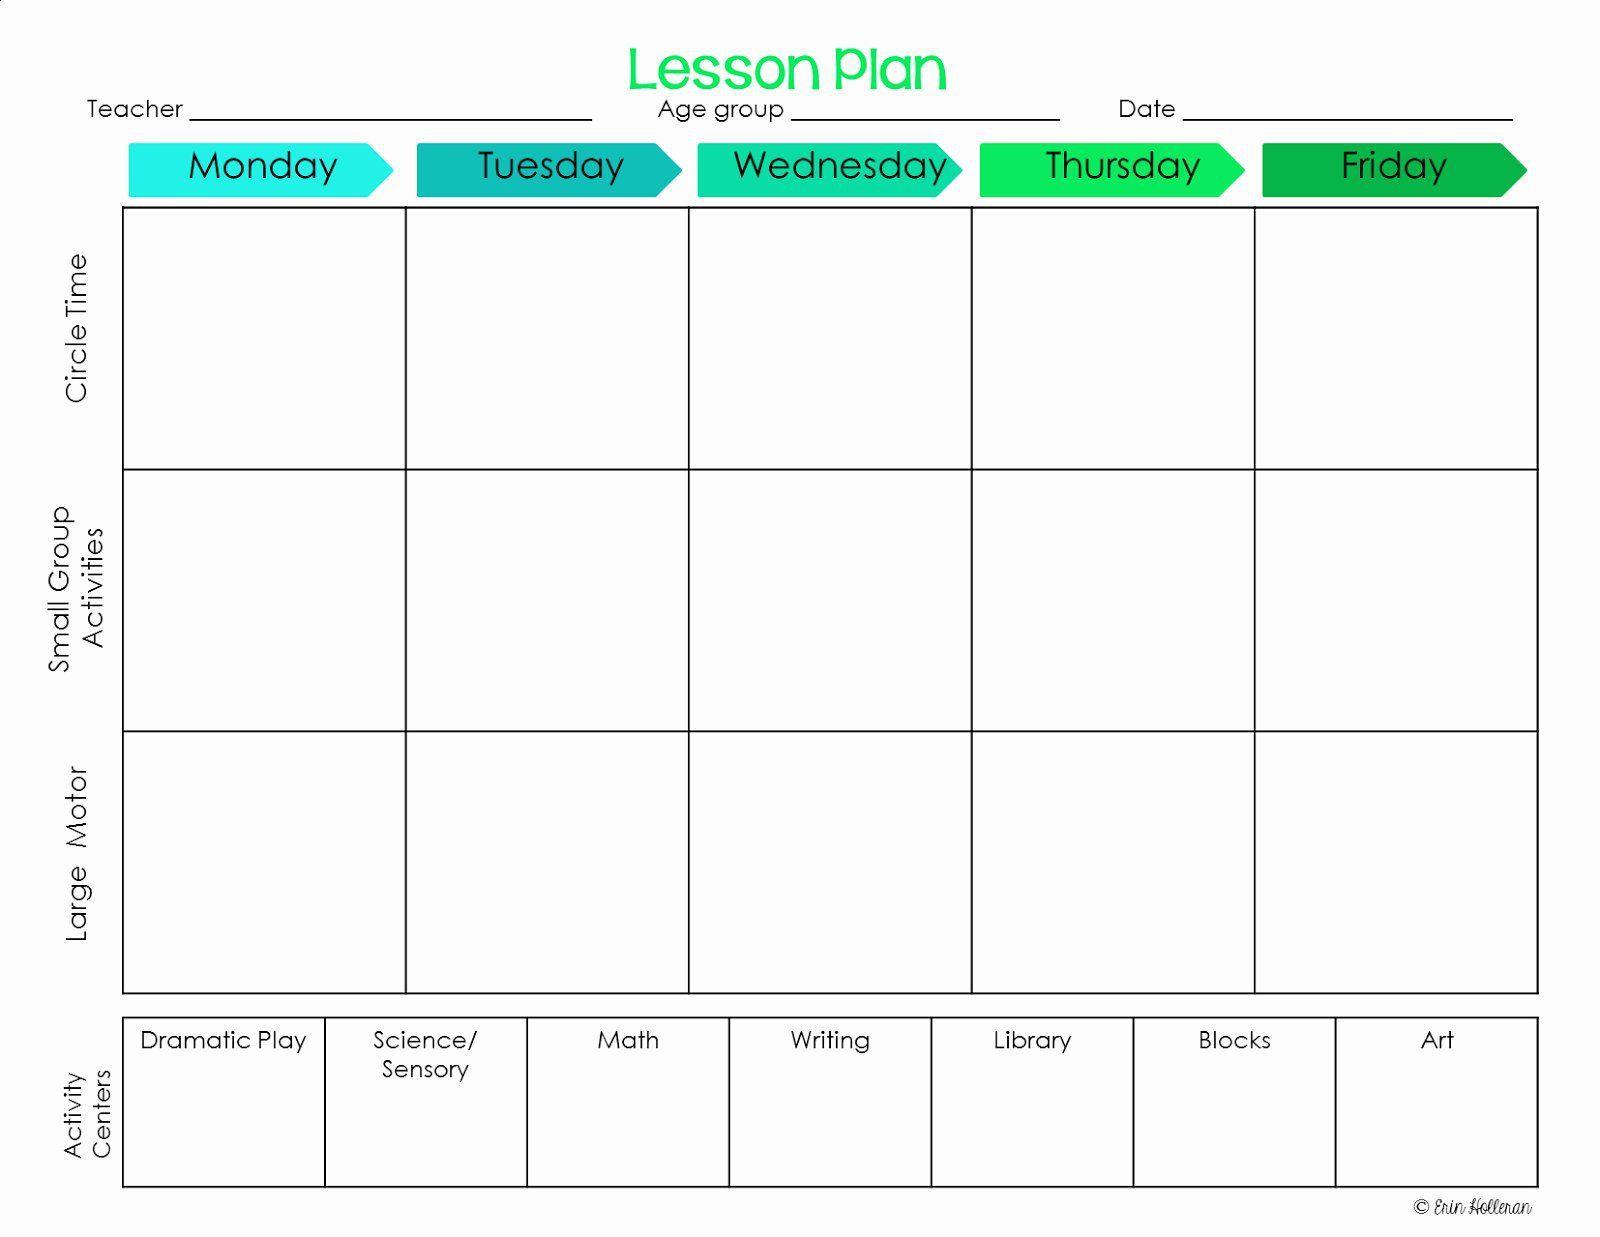 001 Striking Lesson Plan Template For Preschool Design  Format Teacher Free PrintableFull